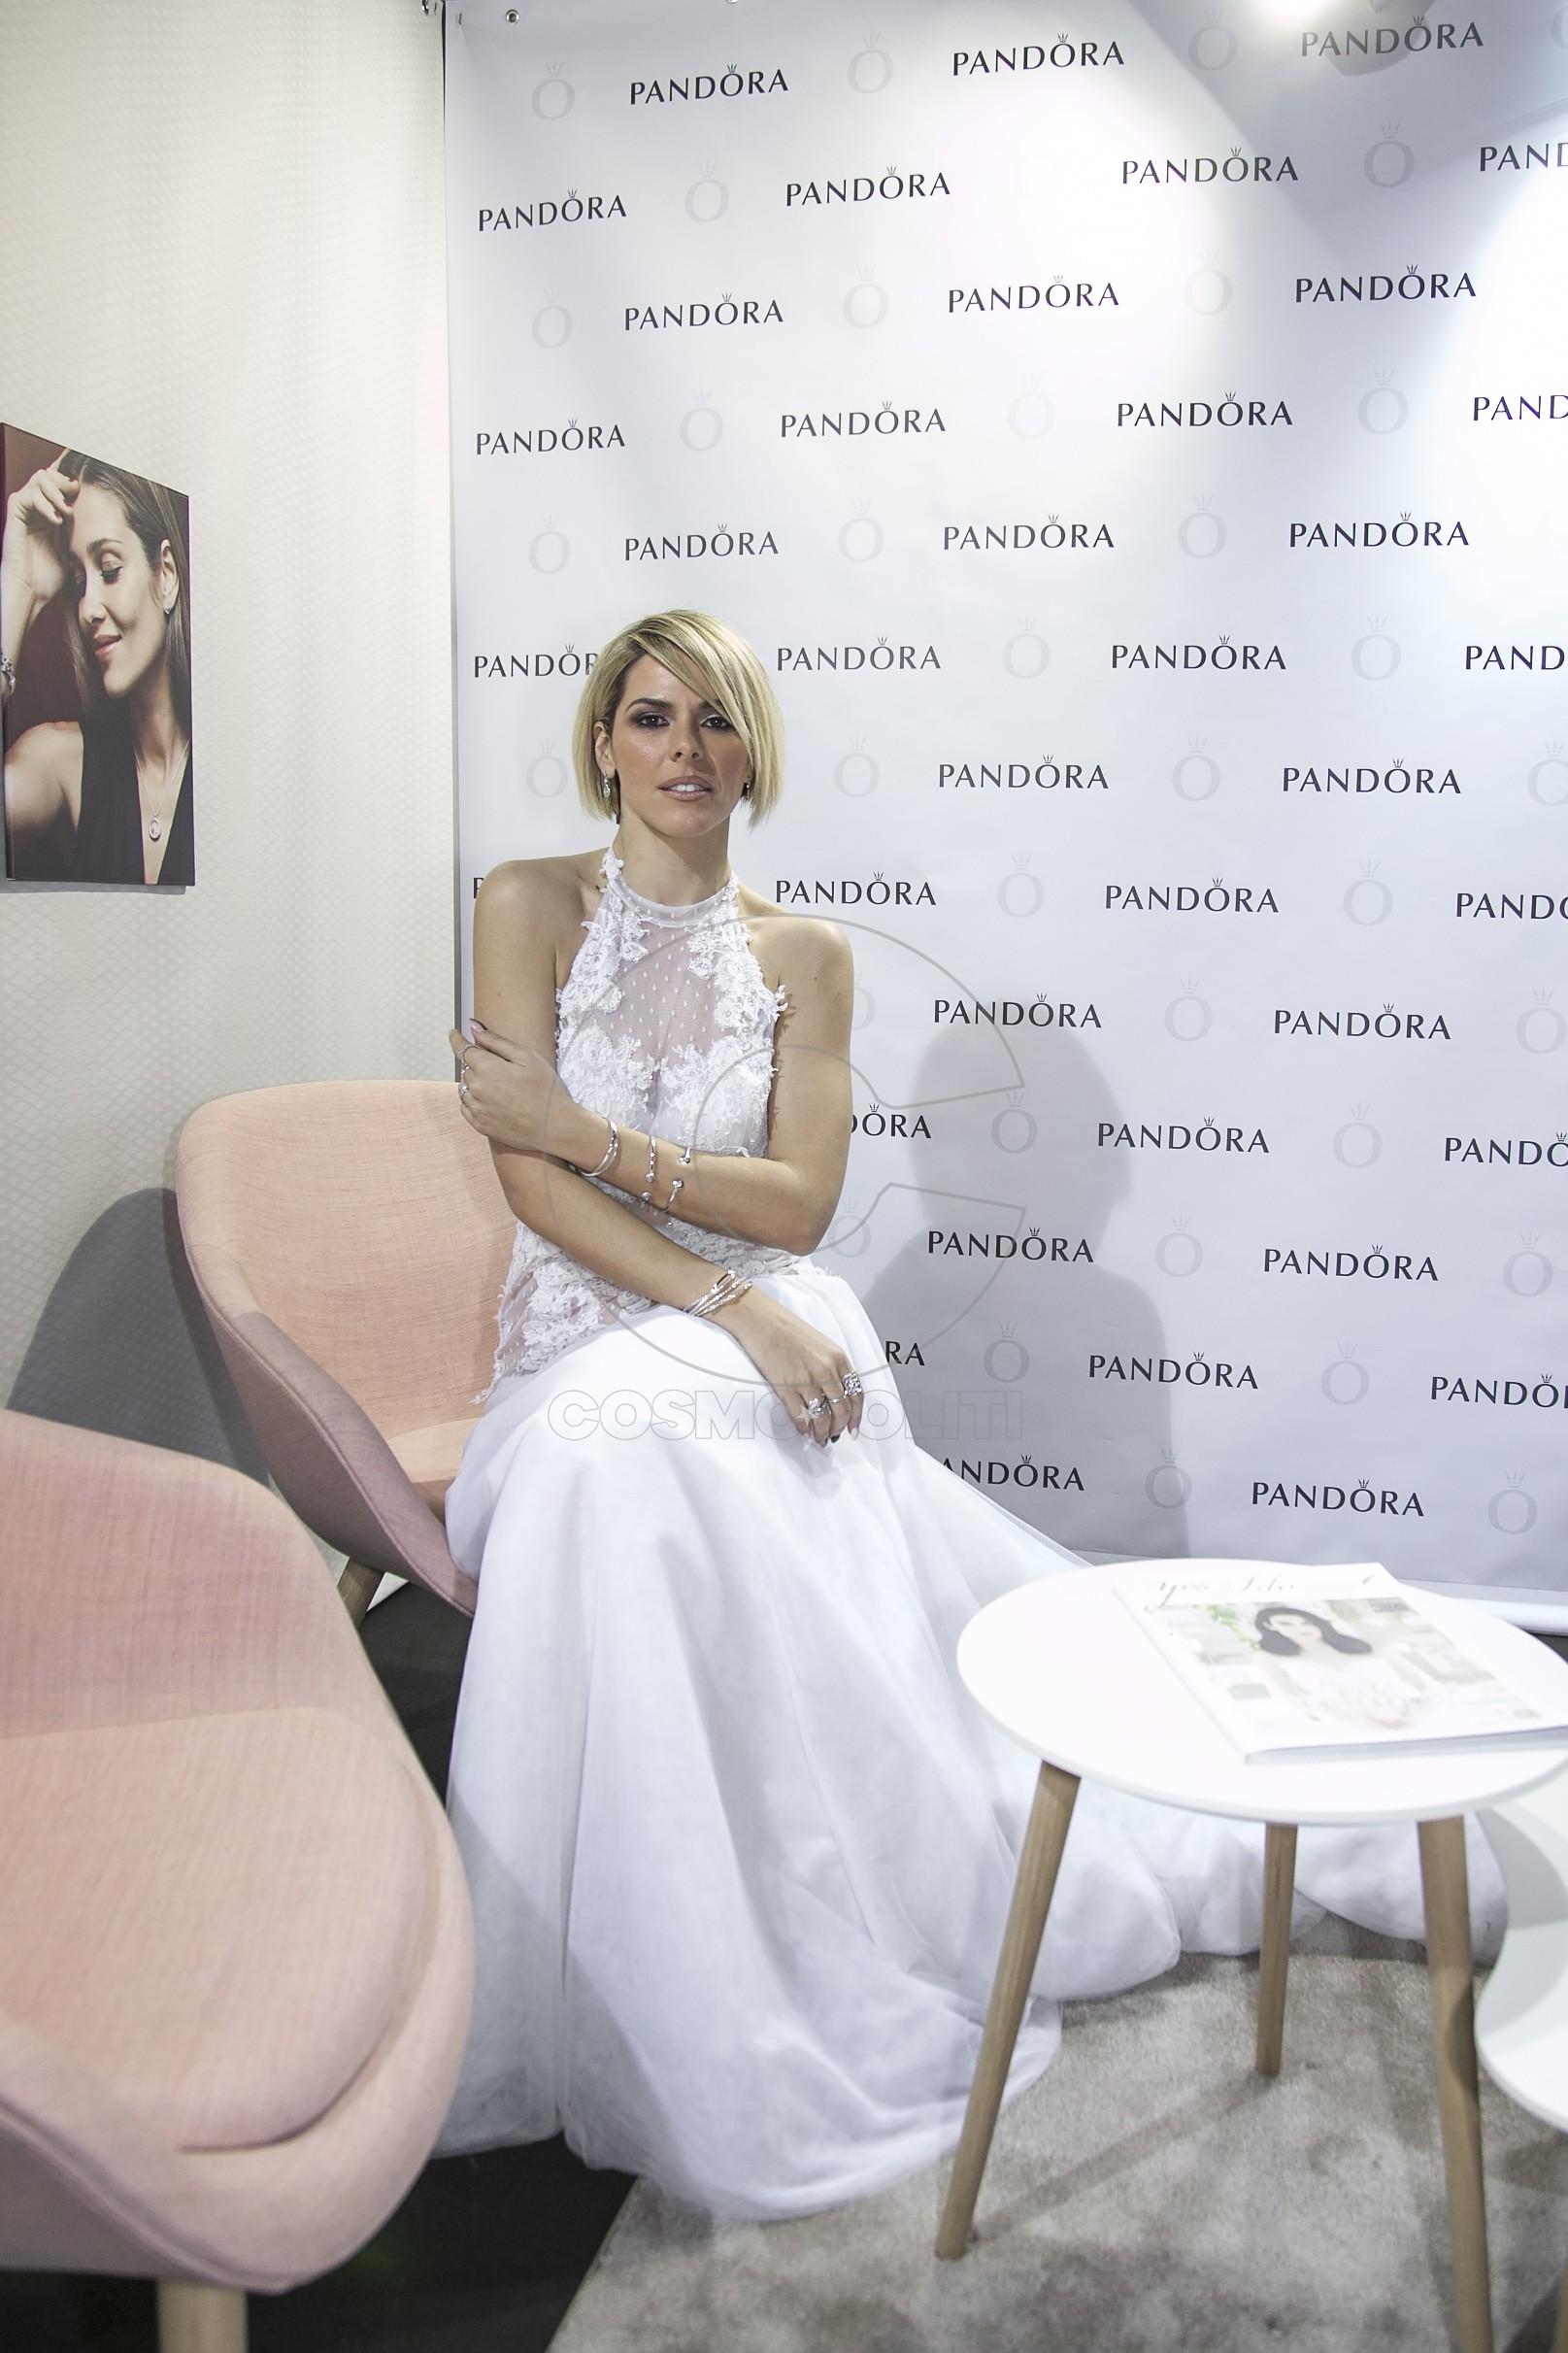 PANDORA (28)